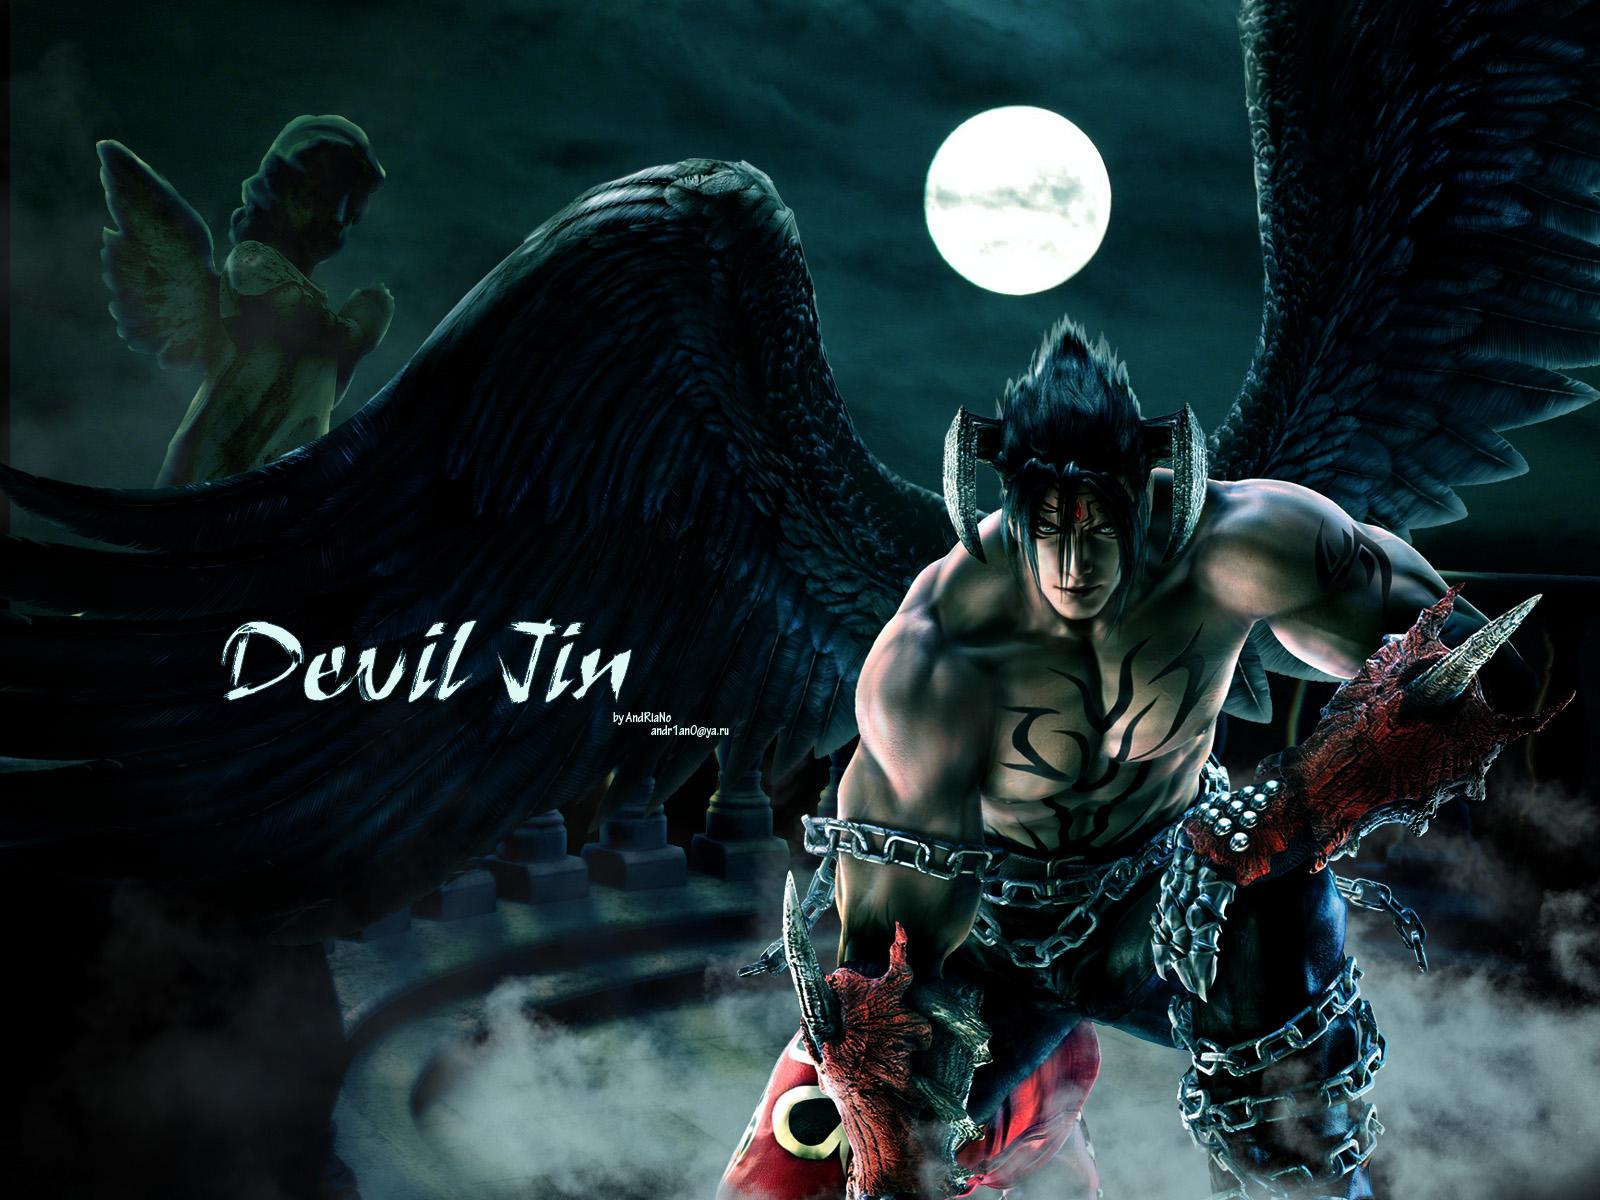 Devil Jin Tekken Wallpaper 1600x1200 Full HD Wallpapers 1600x1200